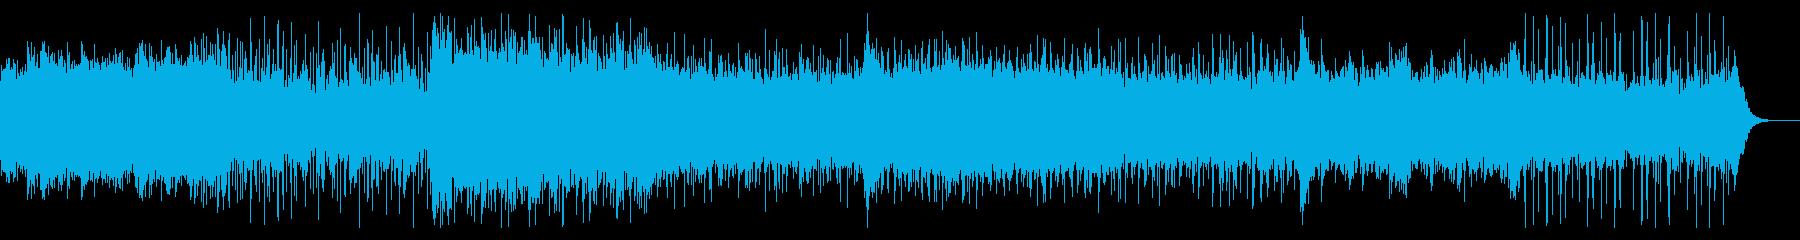 ホラー向けのごわごわしたシネマドローンの再生済みの波形